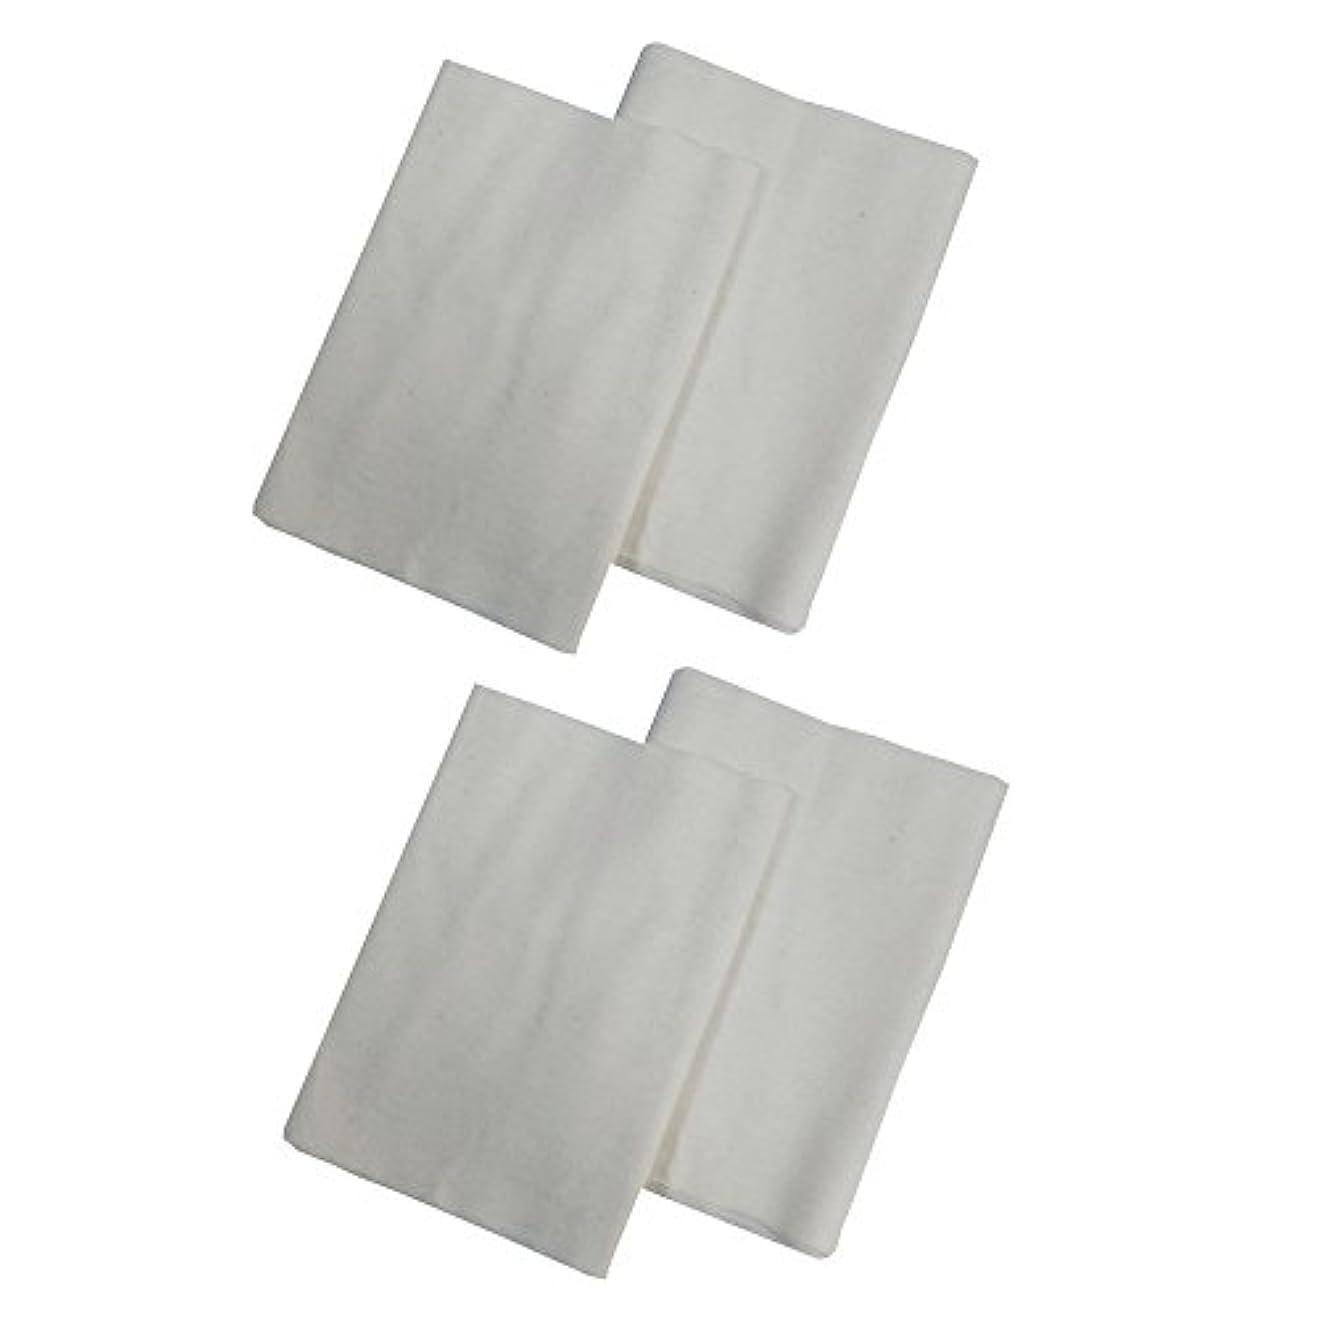 フィードオンそして密コットンフランネル4枚組(ヒマシ油用) 無添加 無漂白 平織 両面起毛フランネル生成